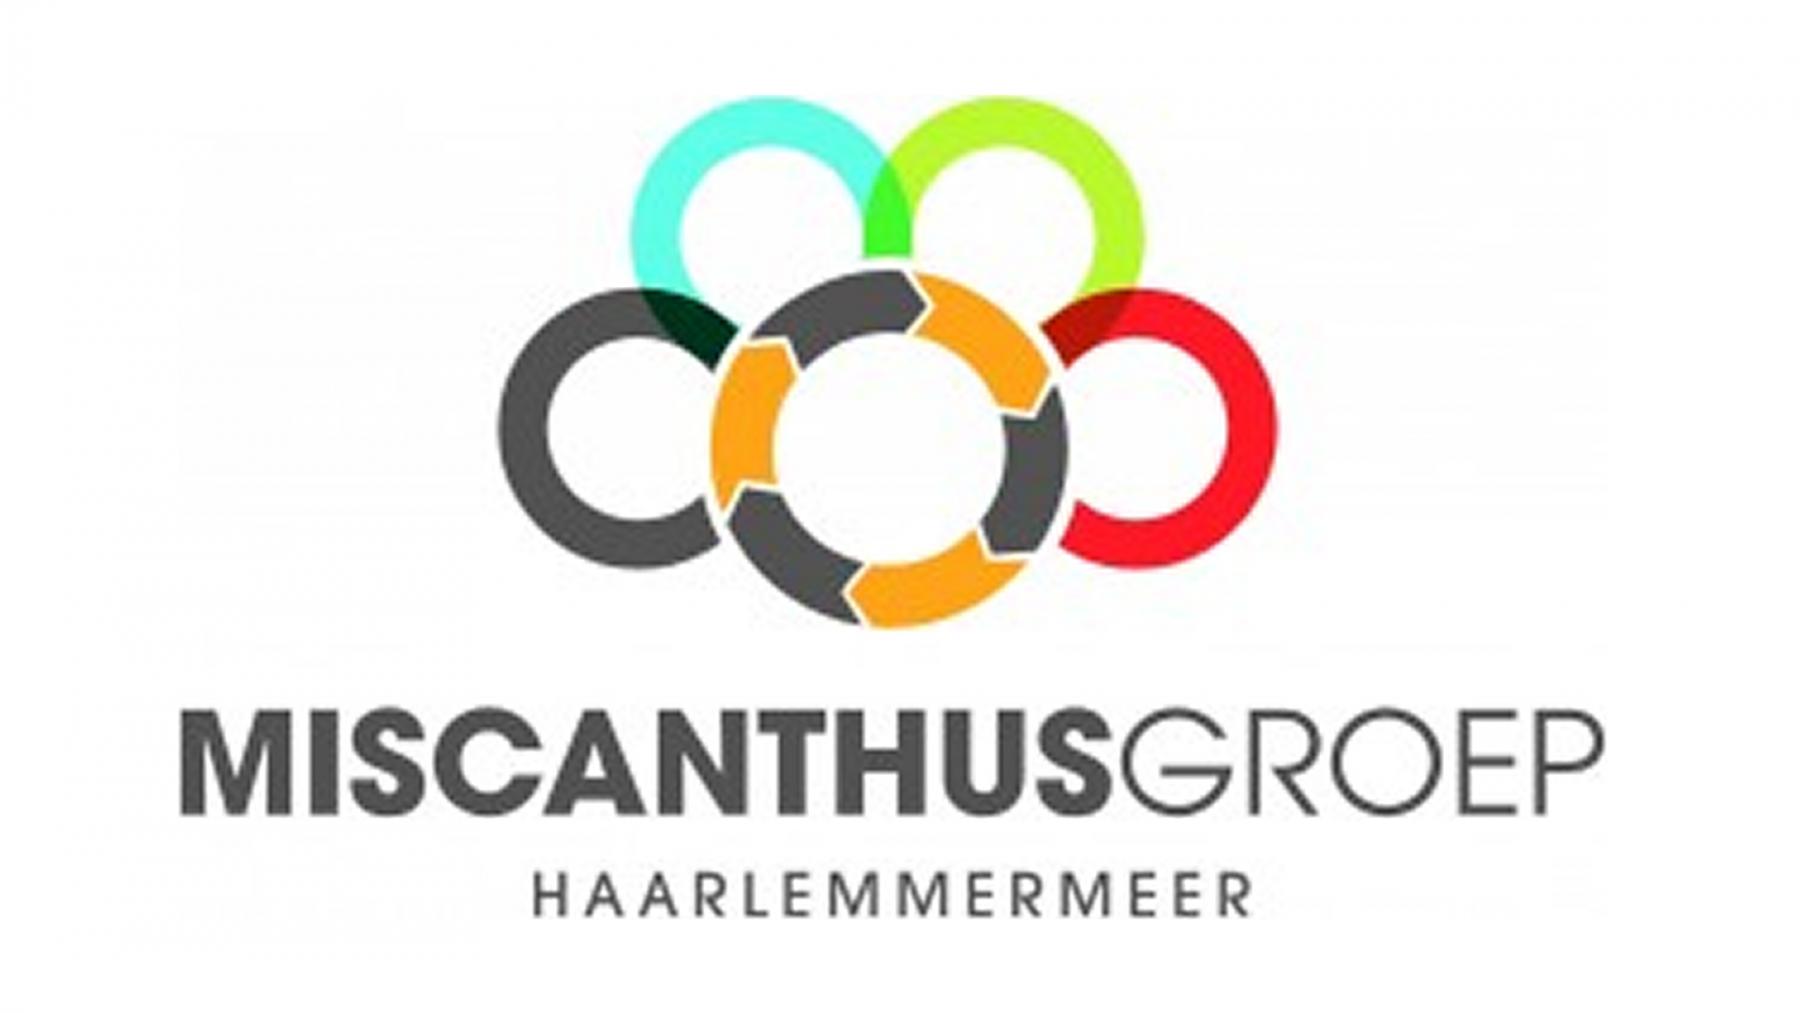 Miscanthus-groep.fw_